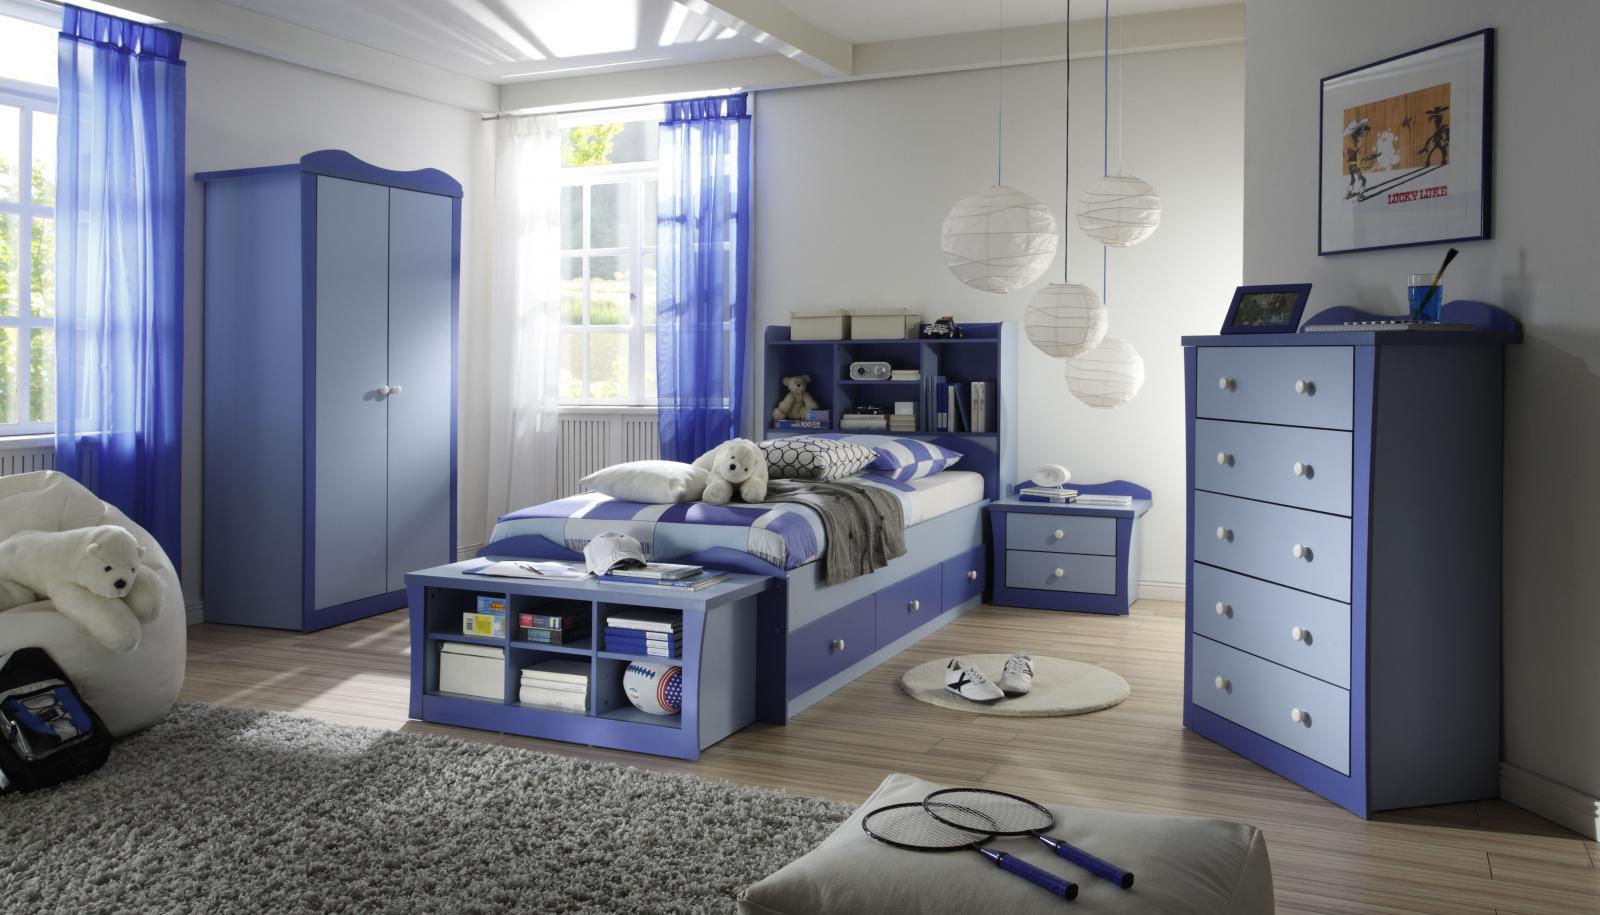 غرف نوم زرقاء اللون | المرسال